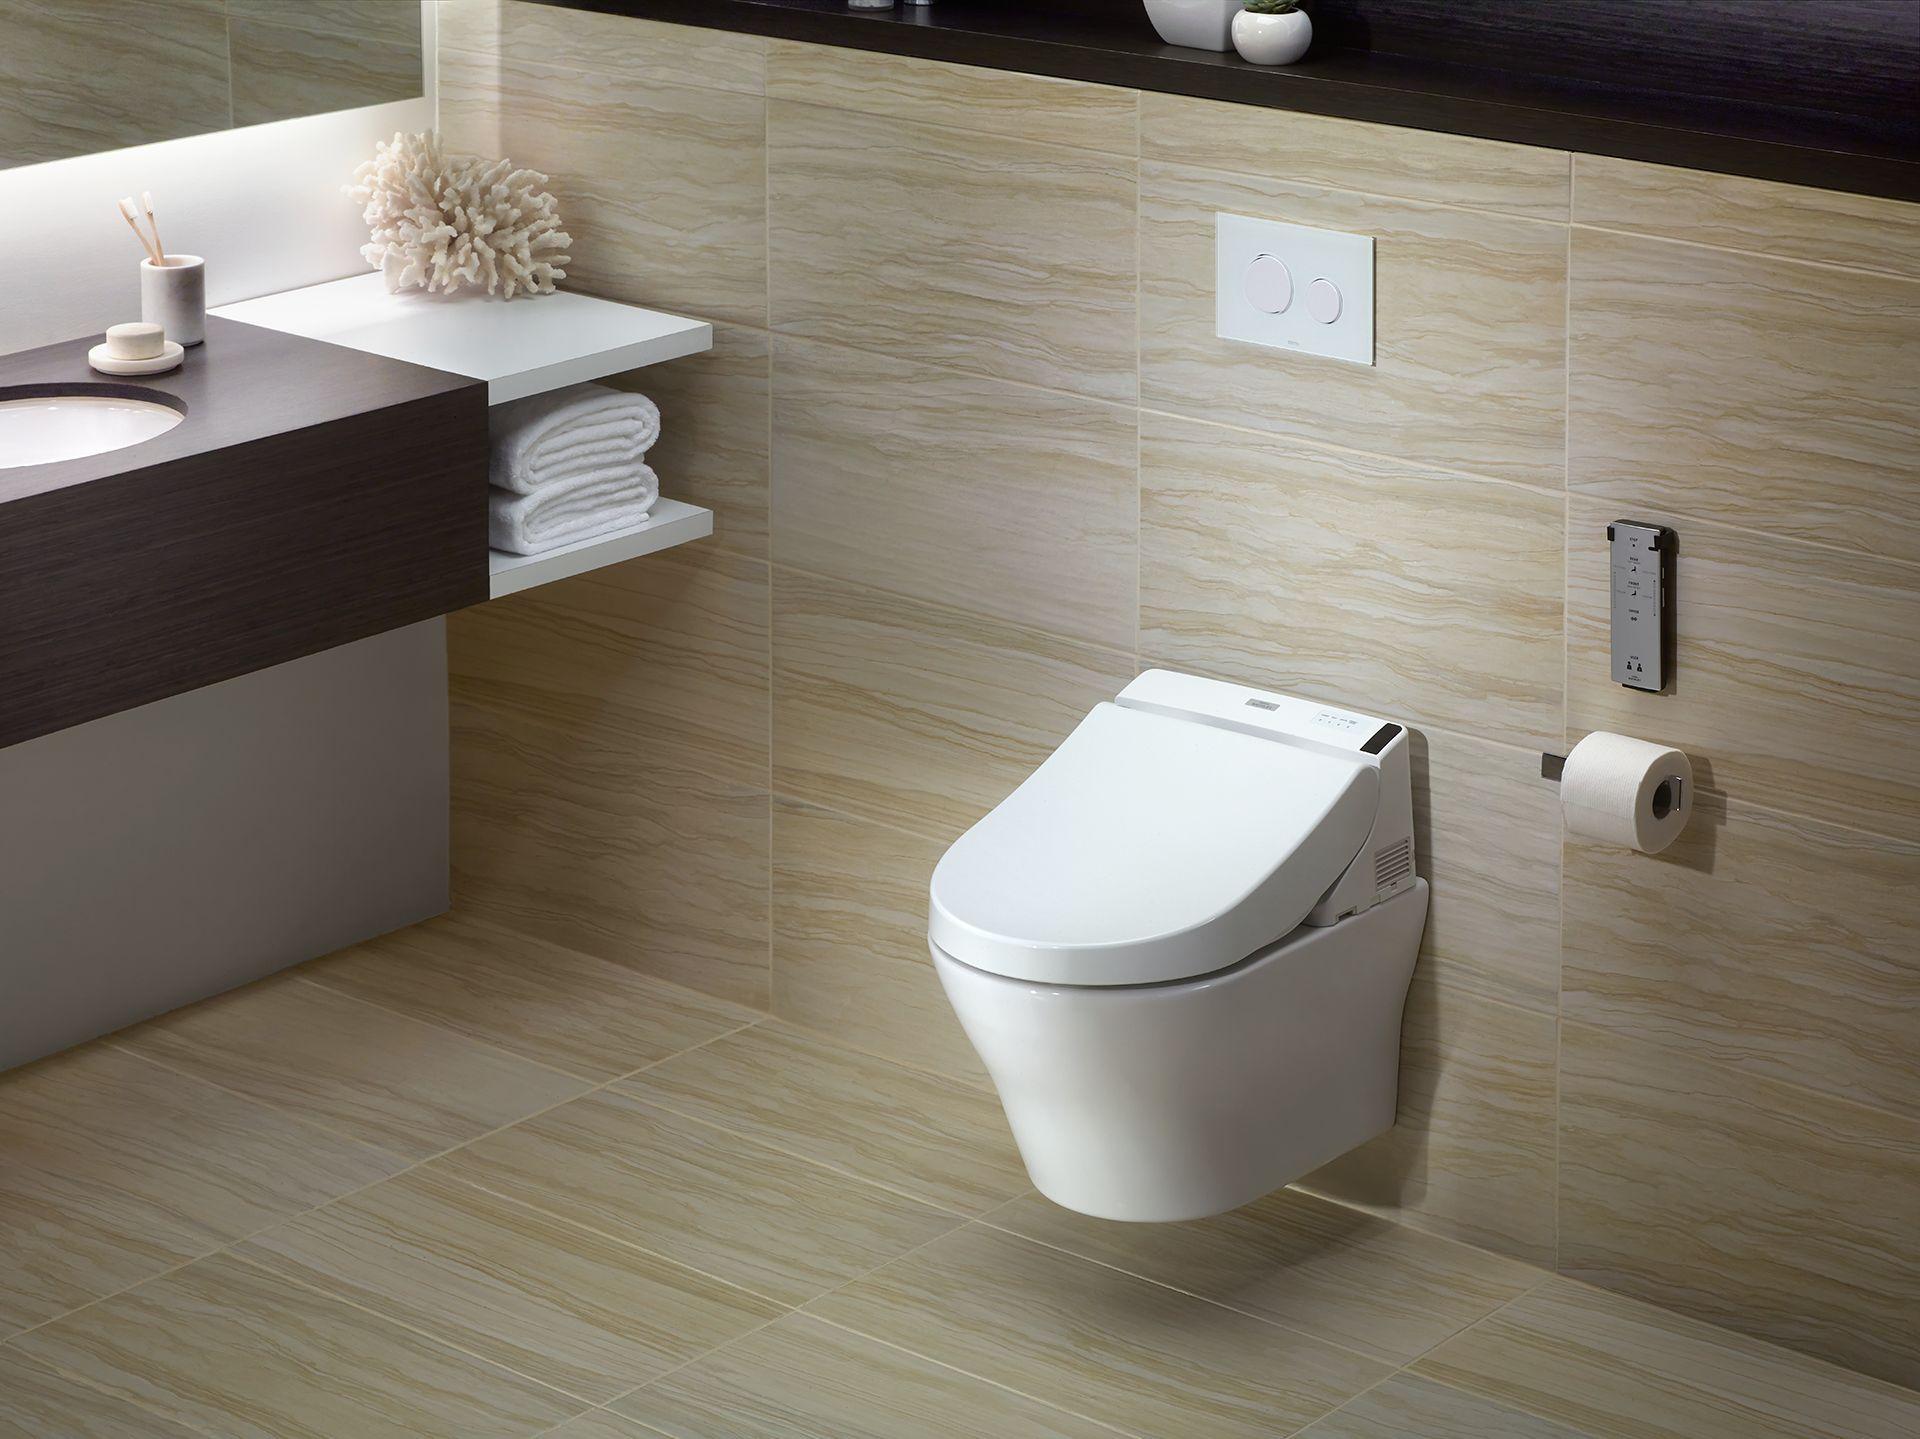 Toto SW204401 Washlet® C200 Elongated Bidet Toilet Seat